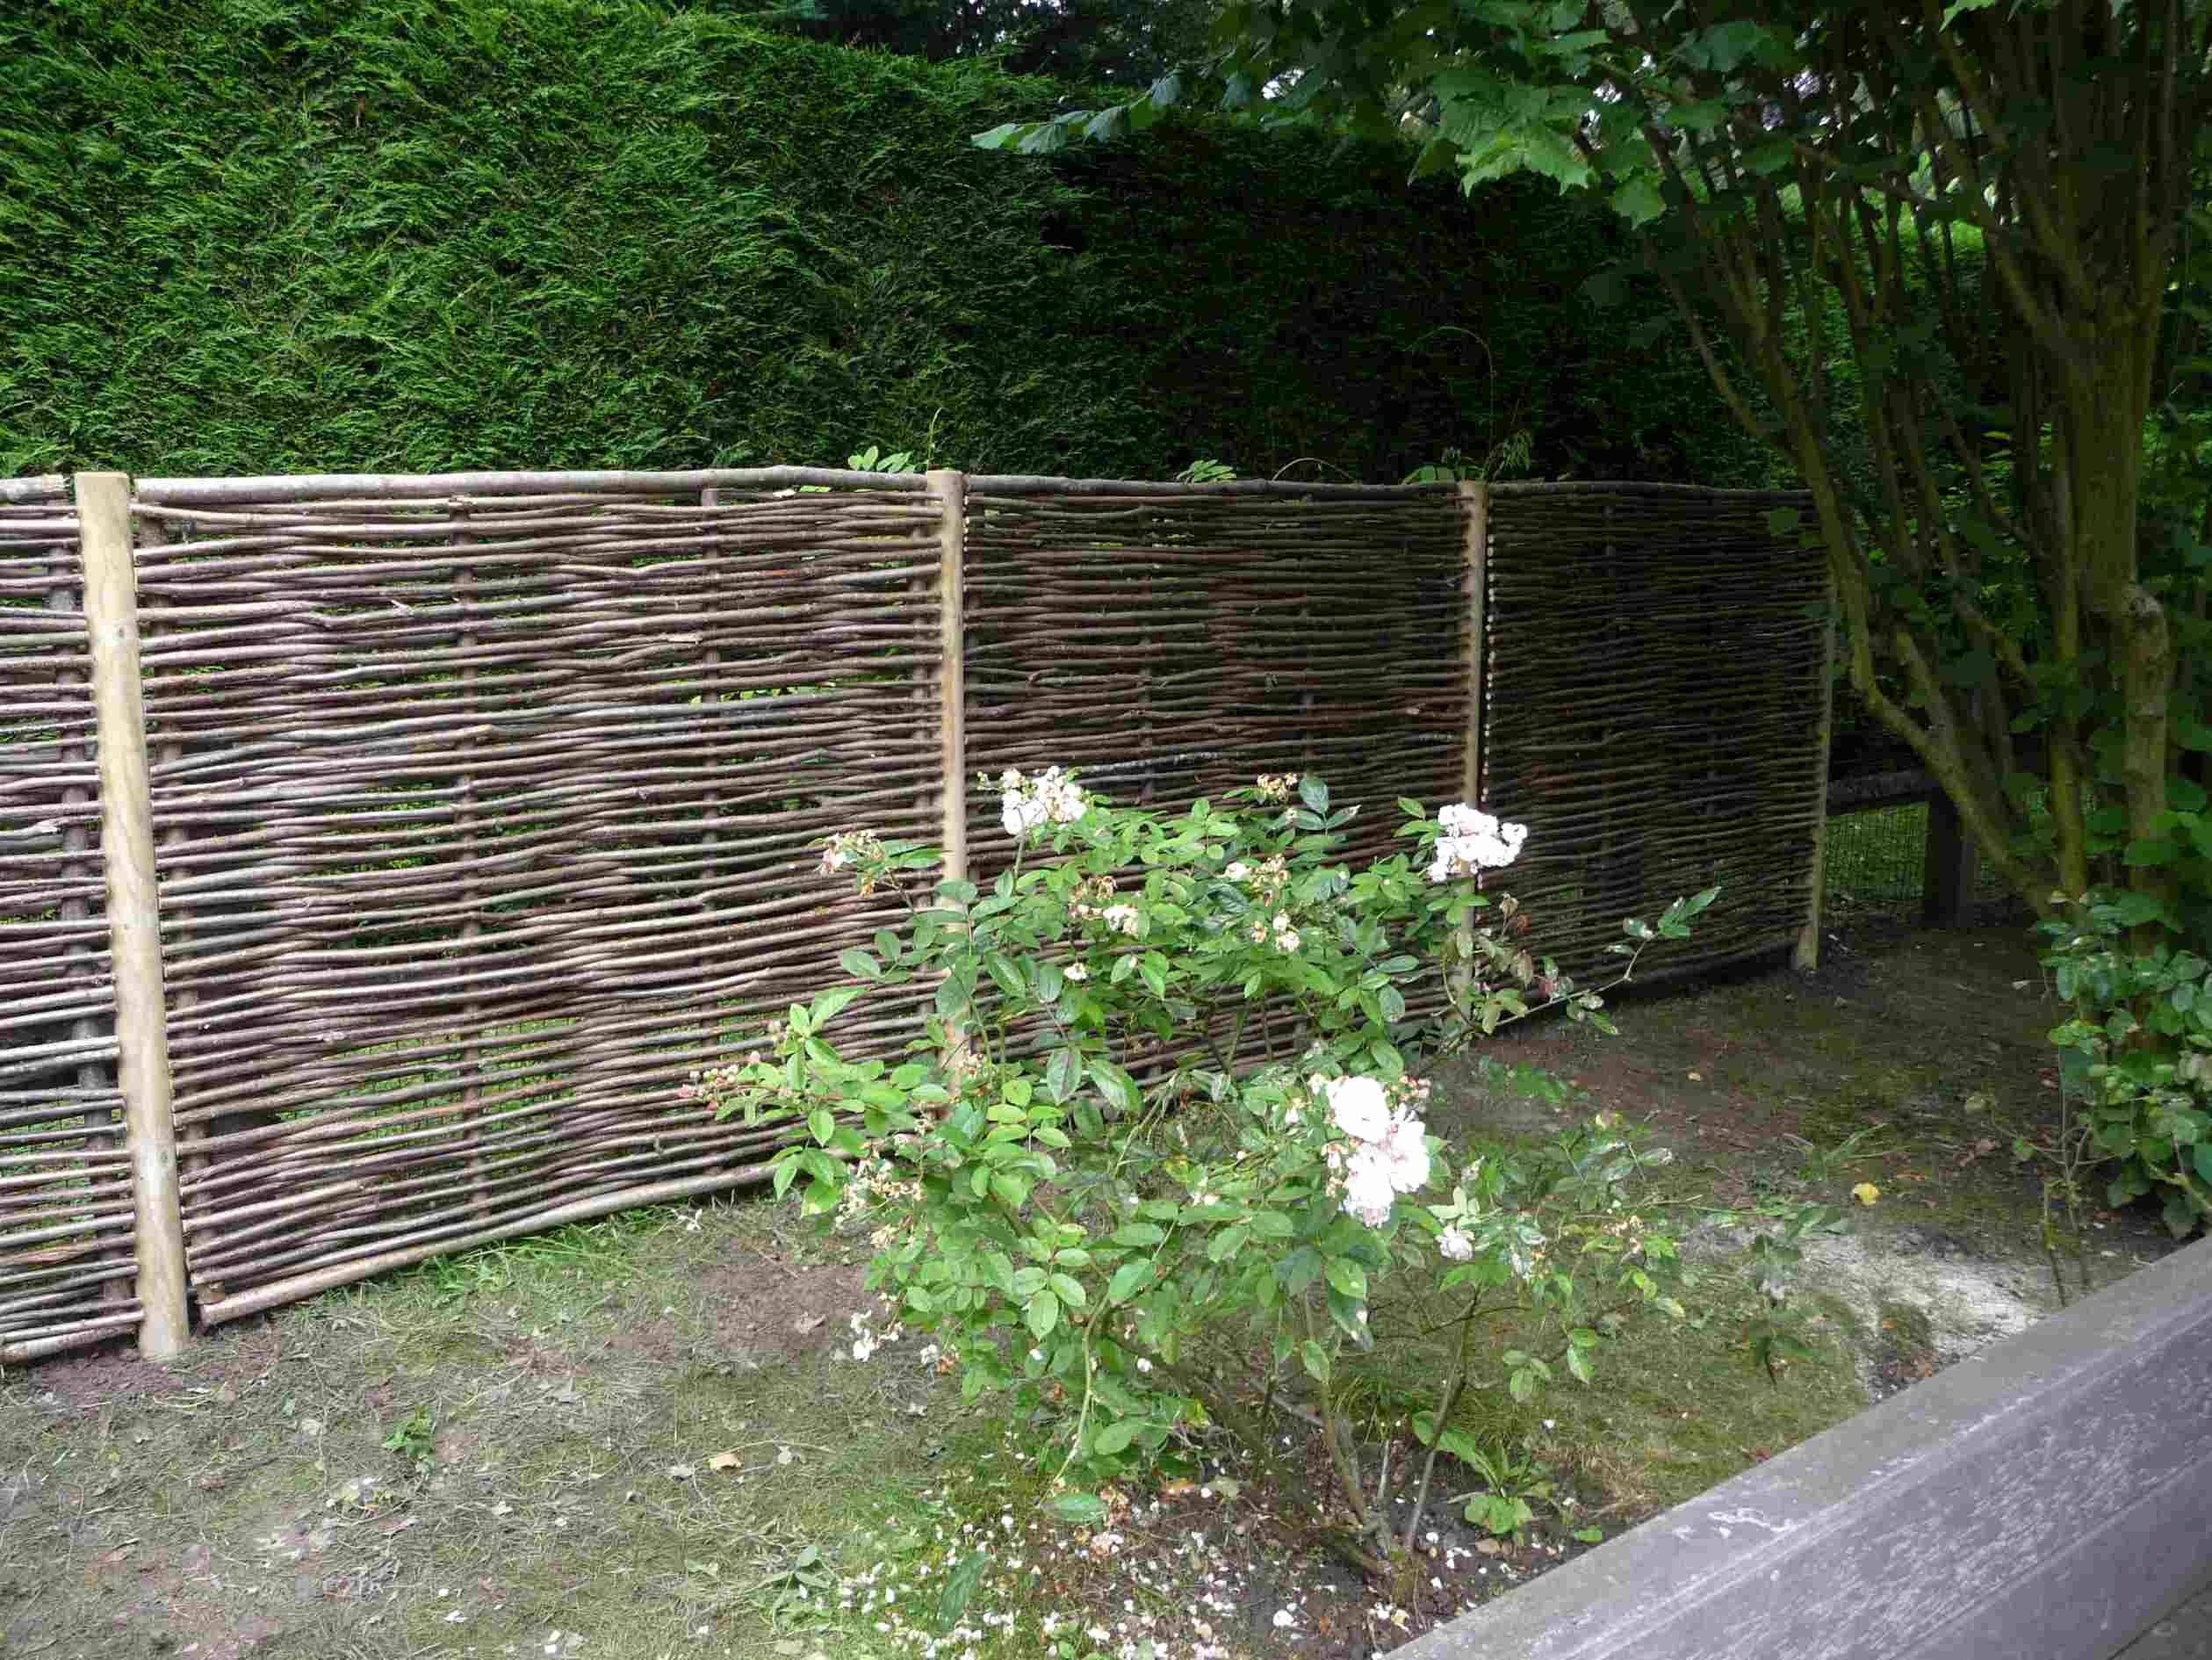 Jardin Japonais Minecraft Frais Galerie Cloture Jardin Design Inspirant Idee Eclairage Salle De Bain 16